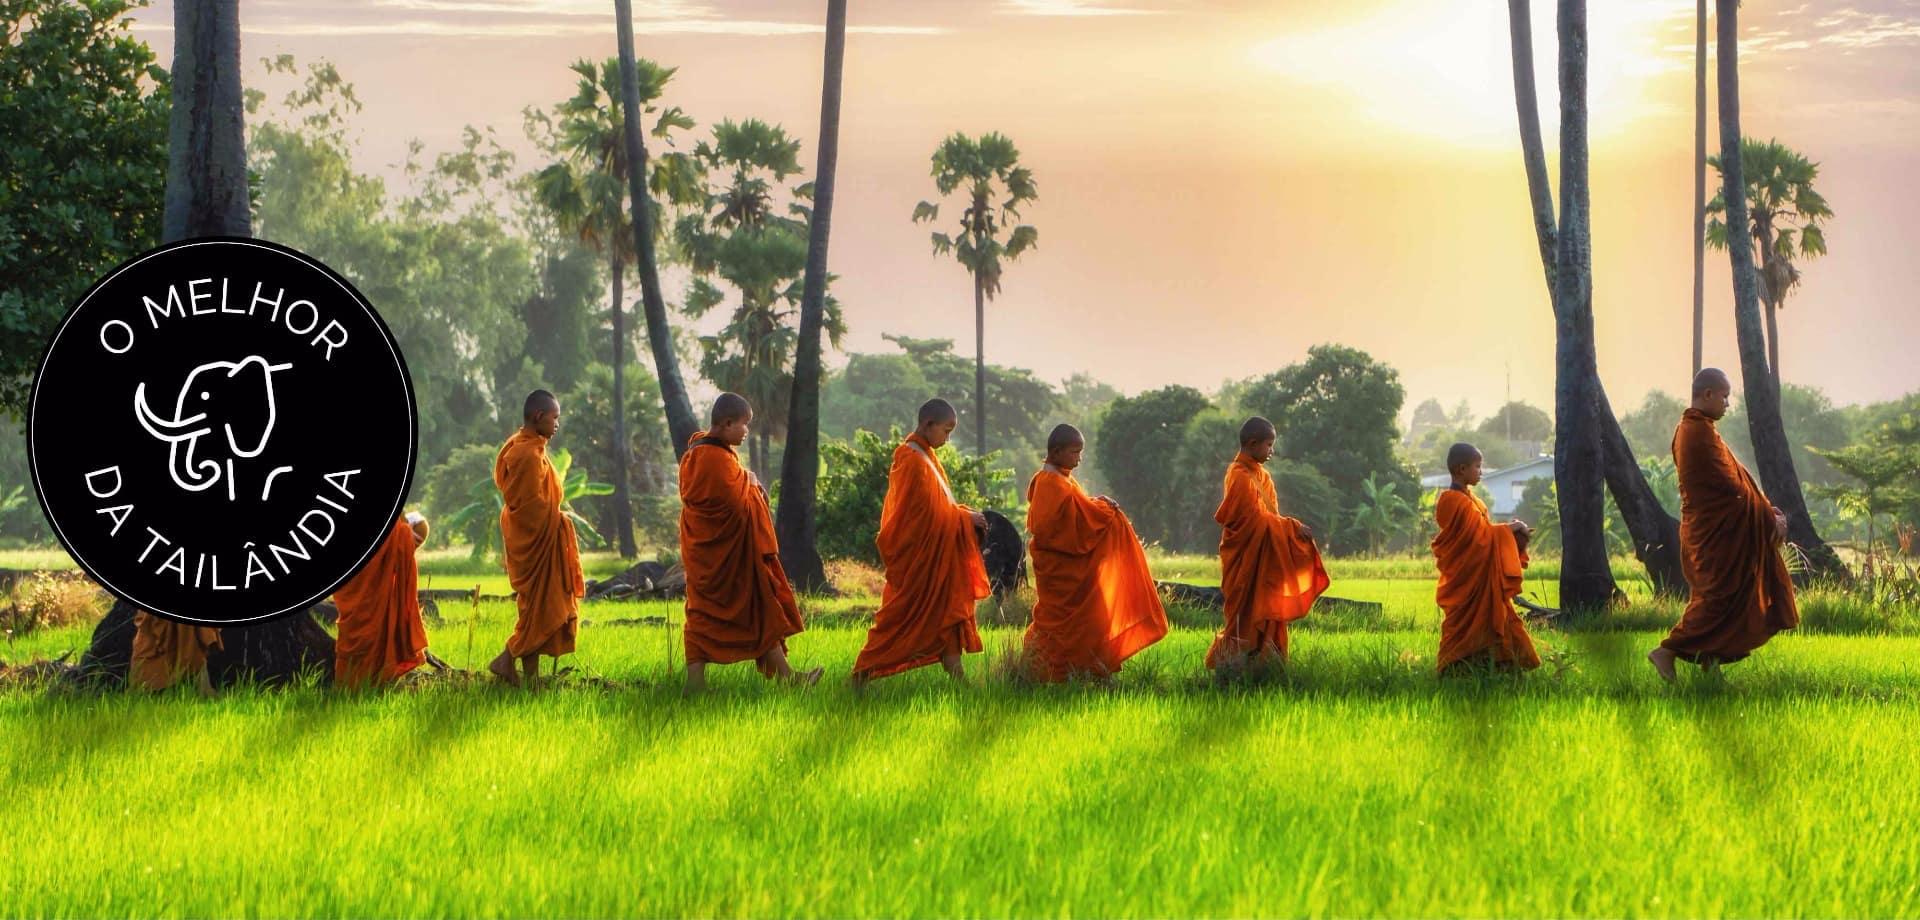 Melhor tailandia banner